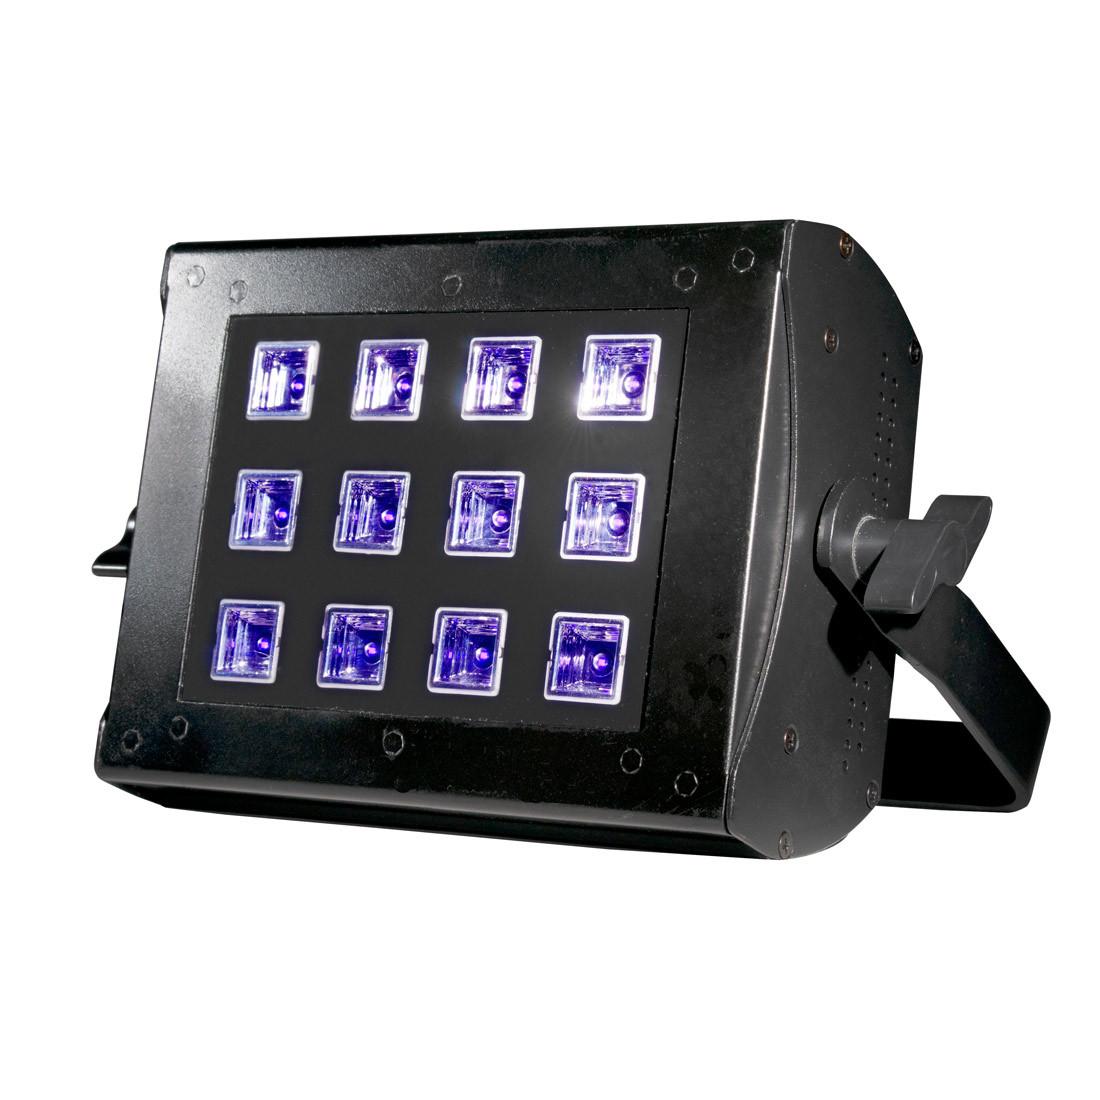 UV FLOOD 36 - UV Blacklight - Lights - Products - ADJ Group